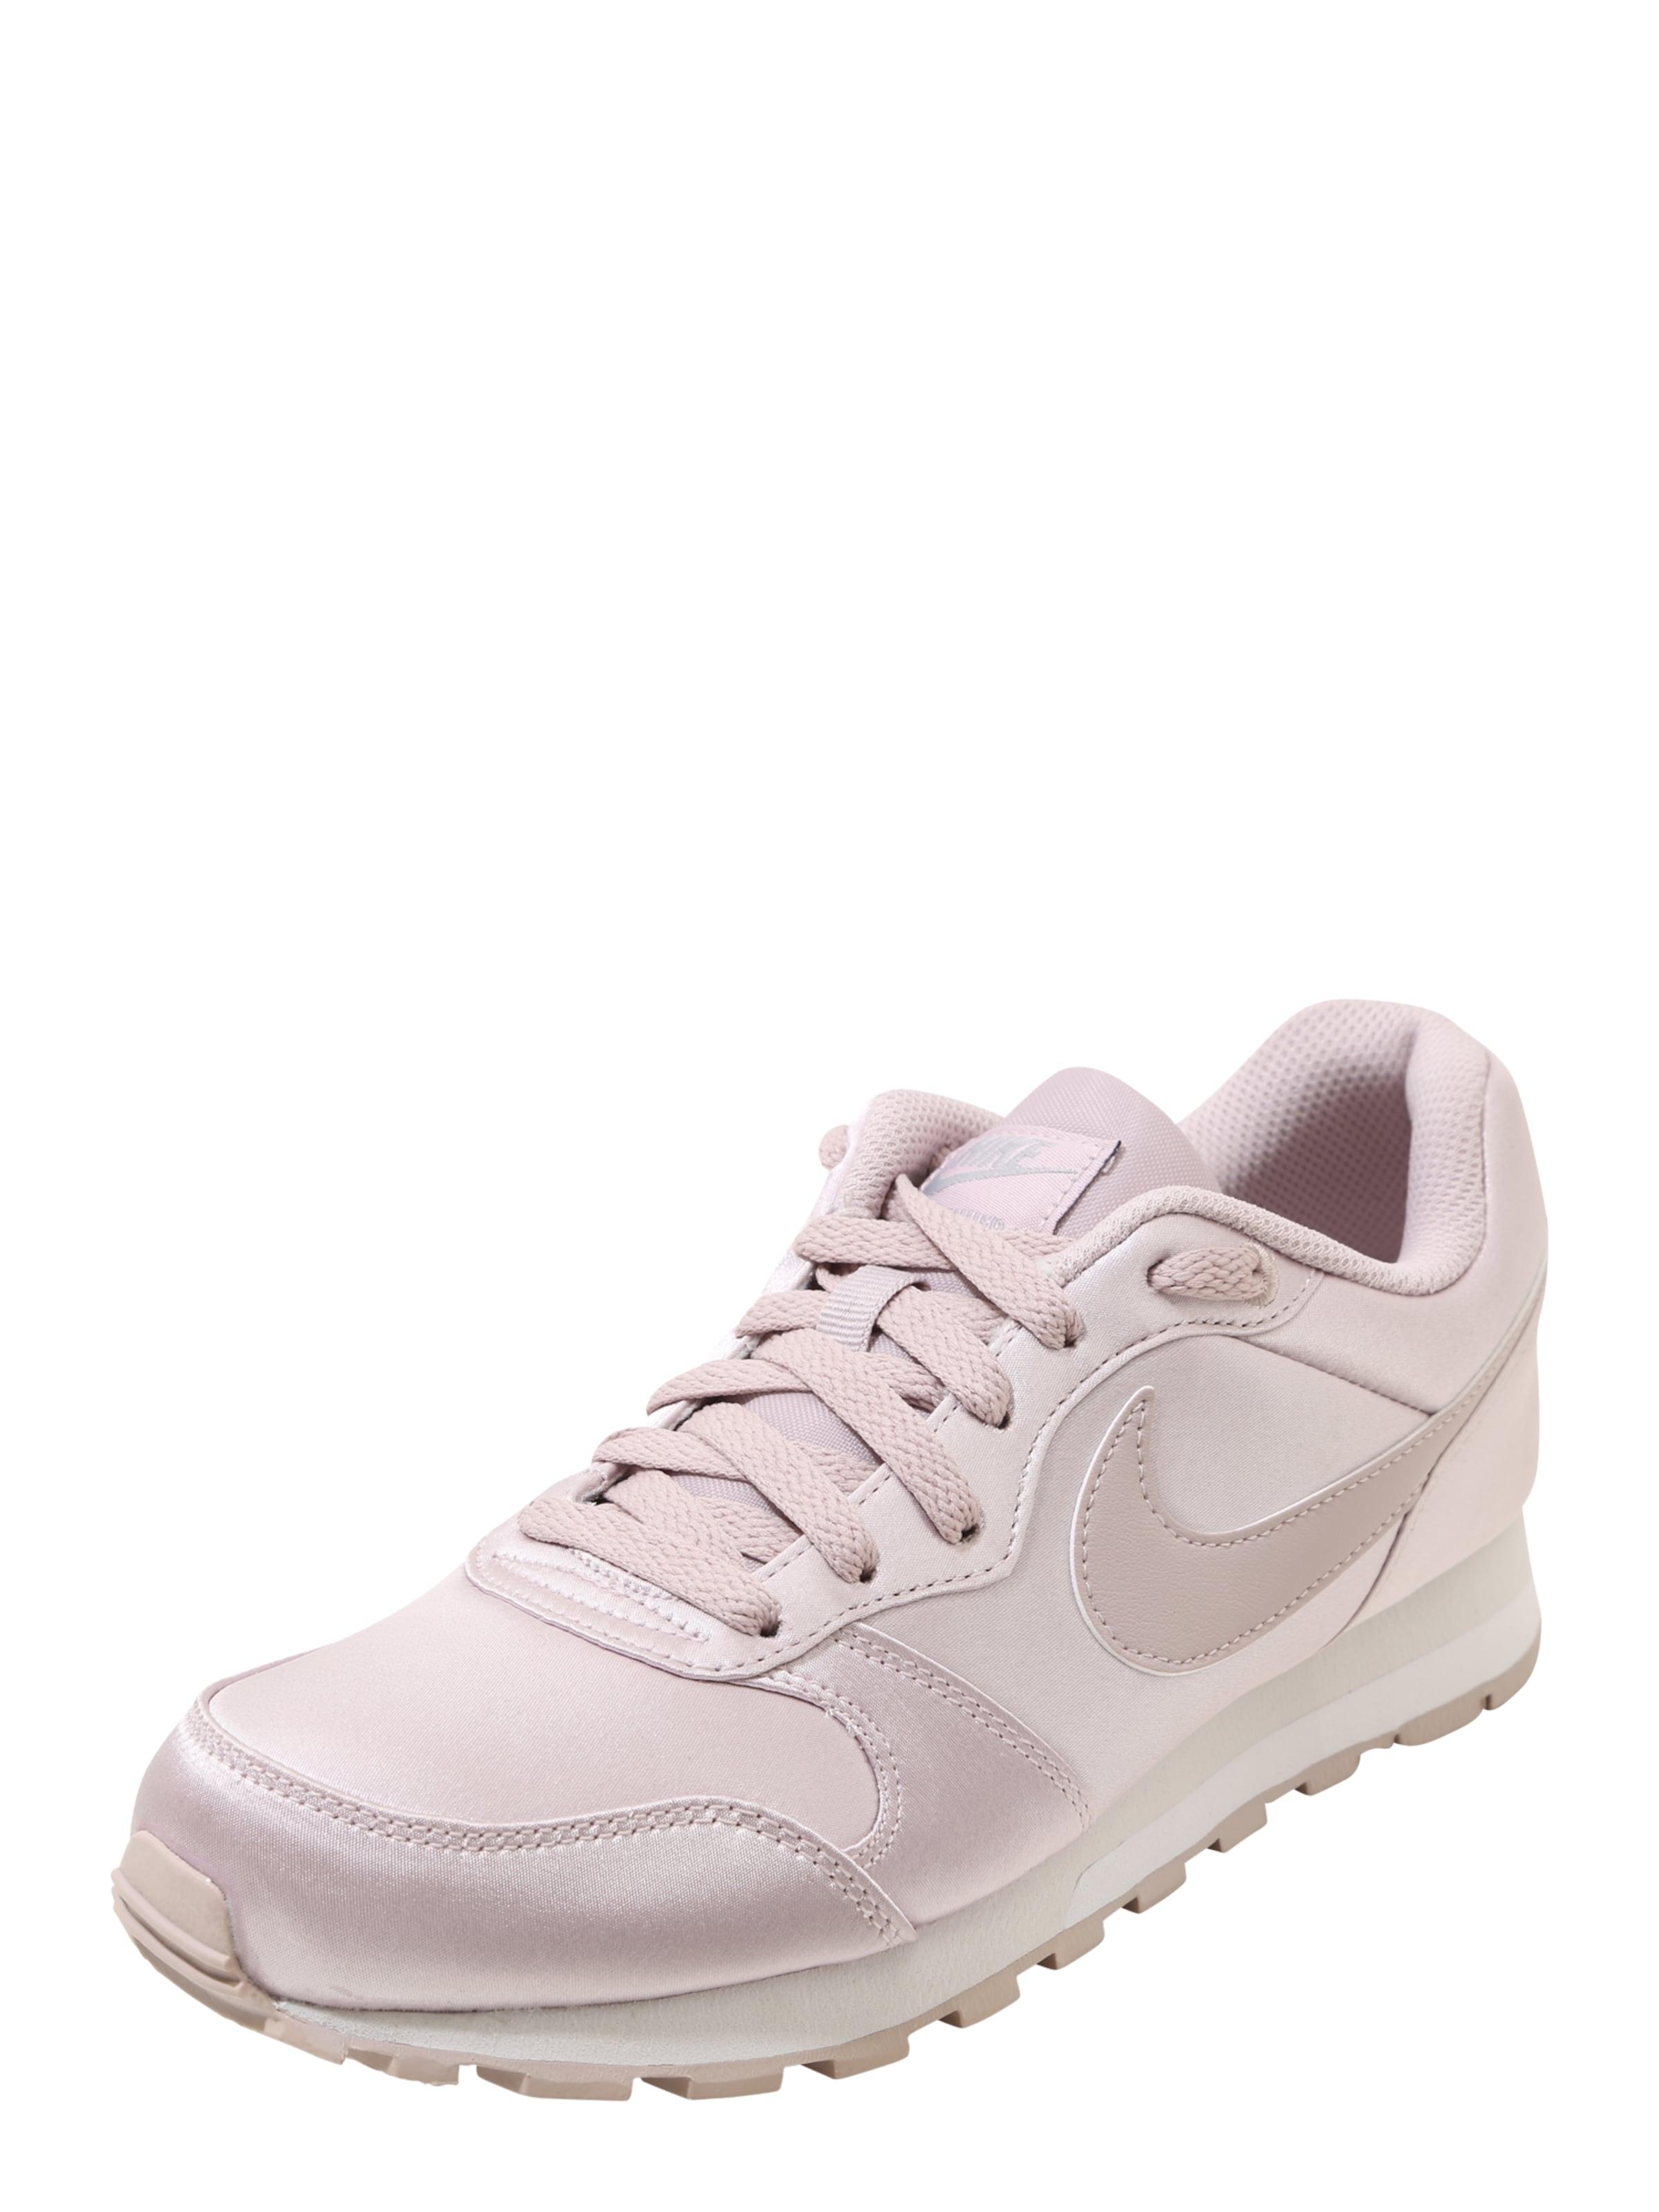 Nike Sportswear Sneaker Sneaker Sportswear Low  Runner 2 3bfb85